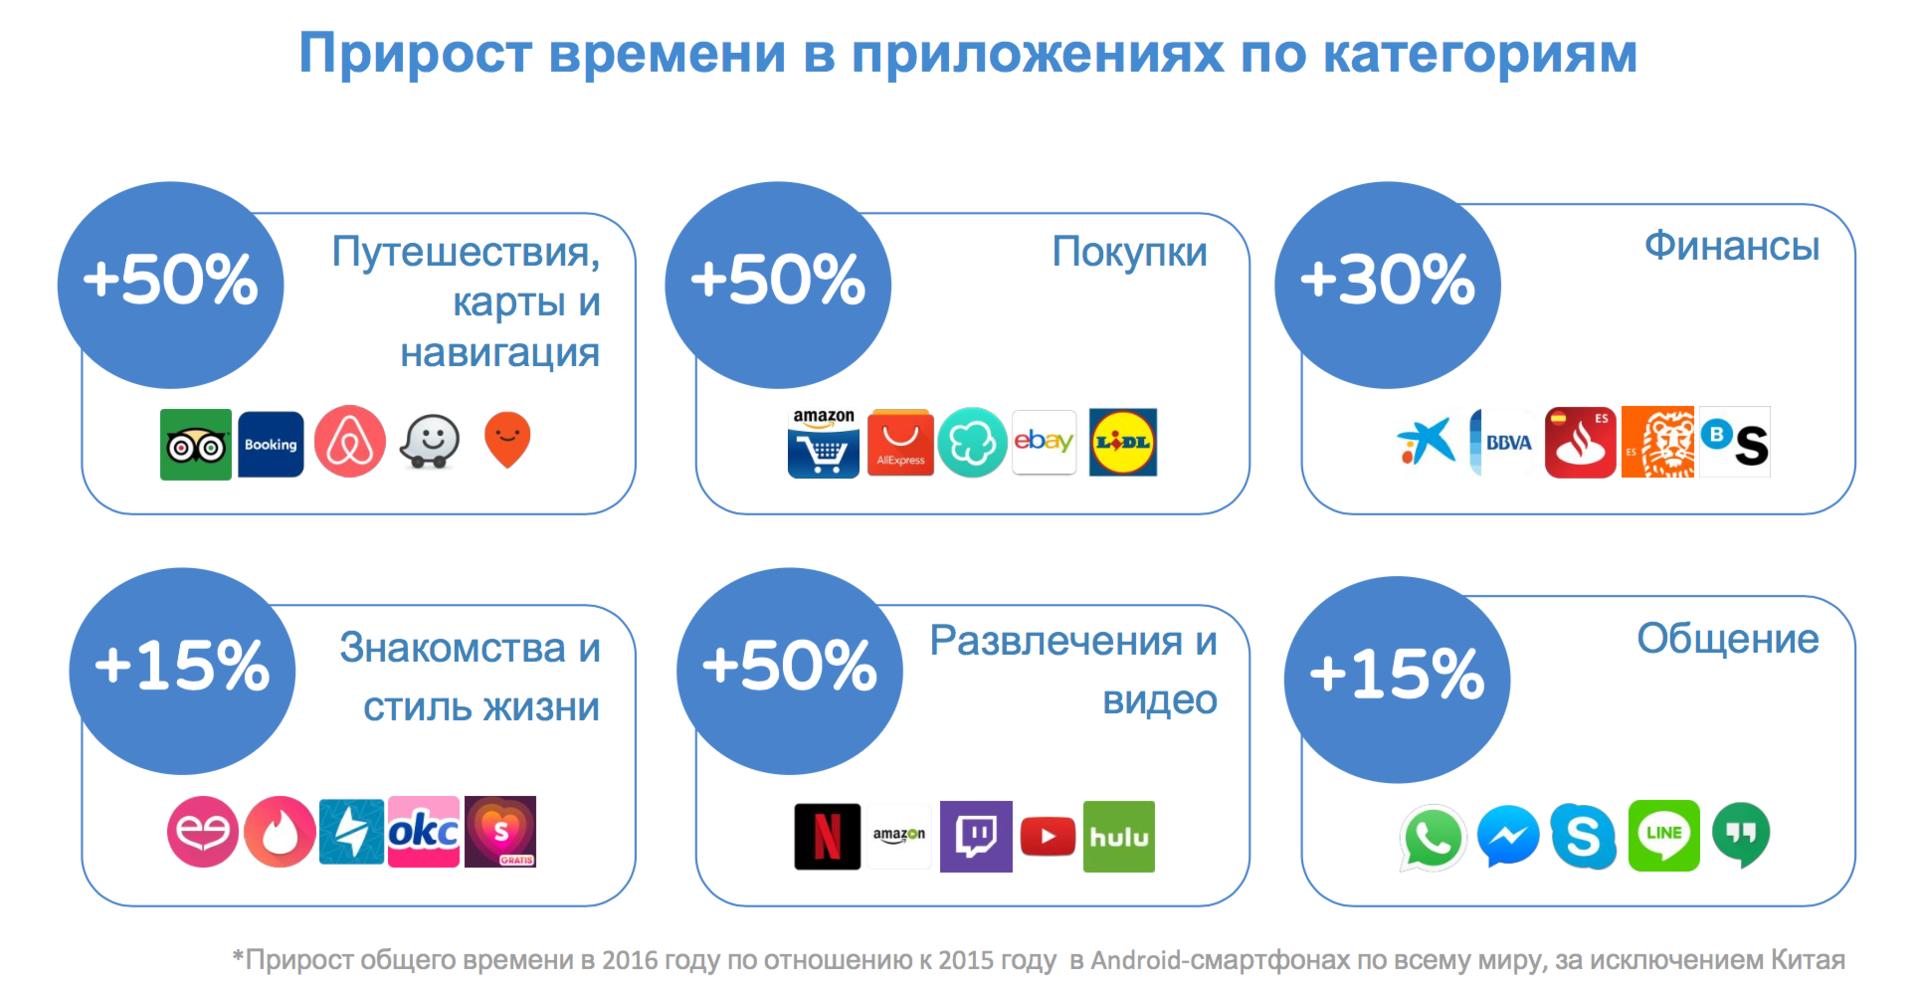 Мобильный рынок в цифрах - 2